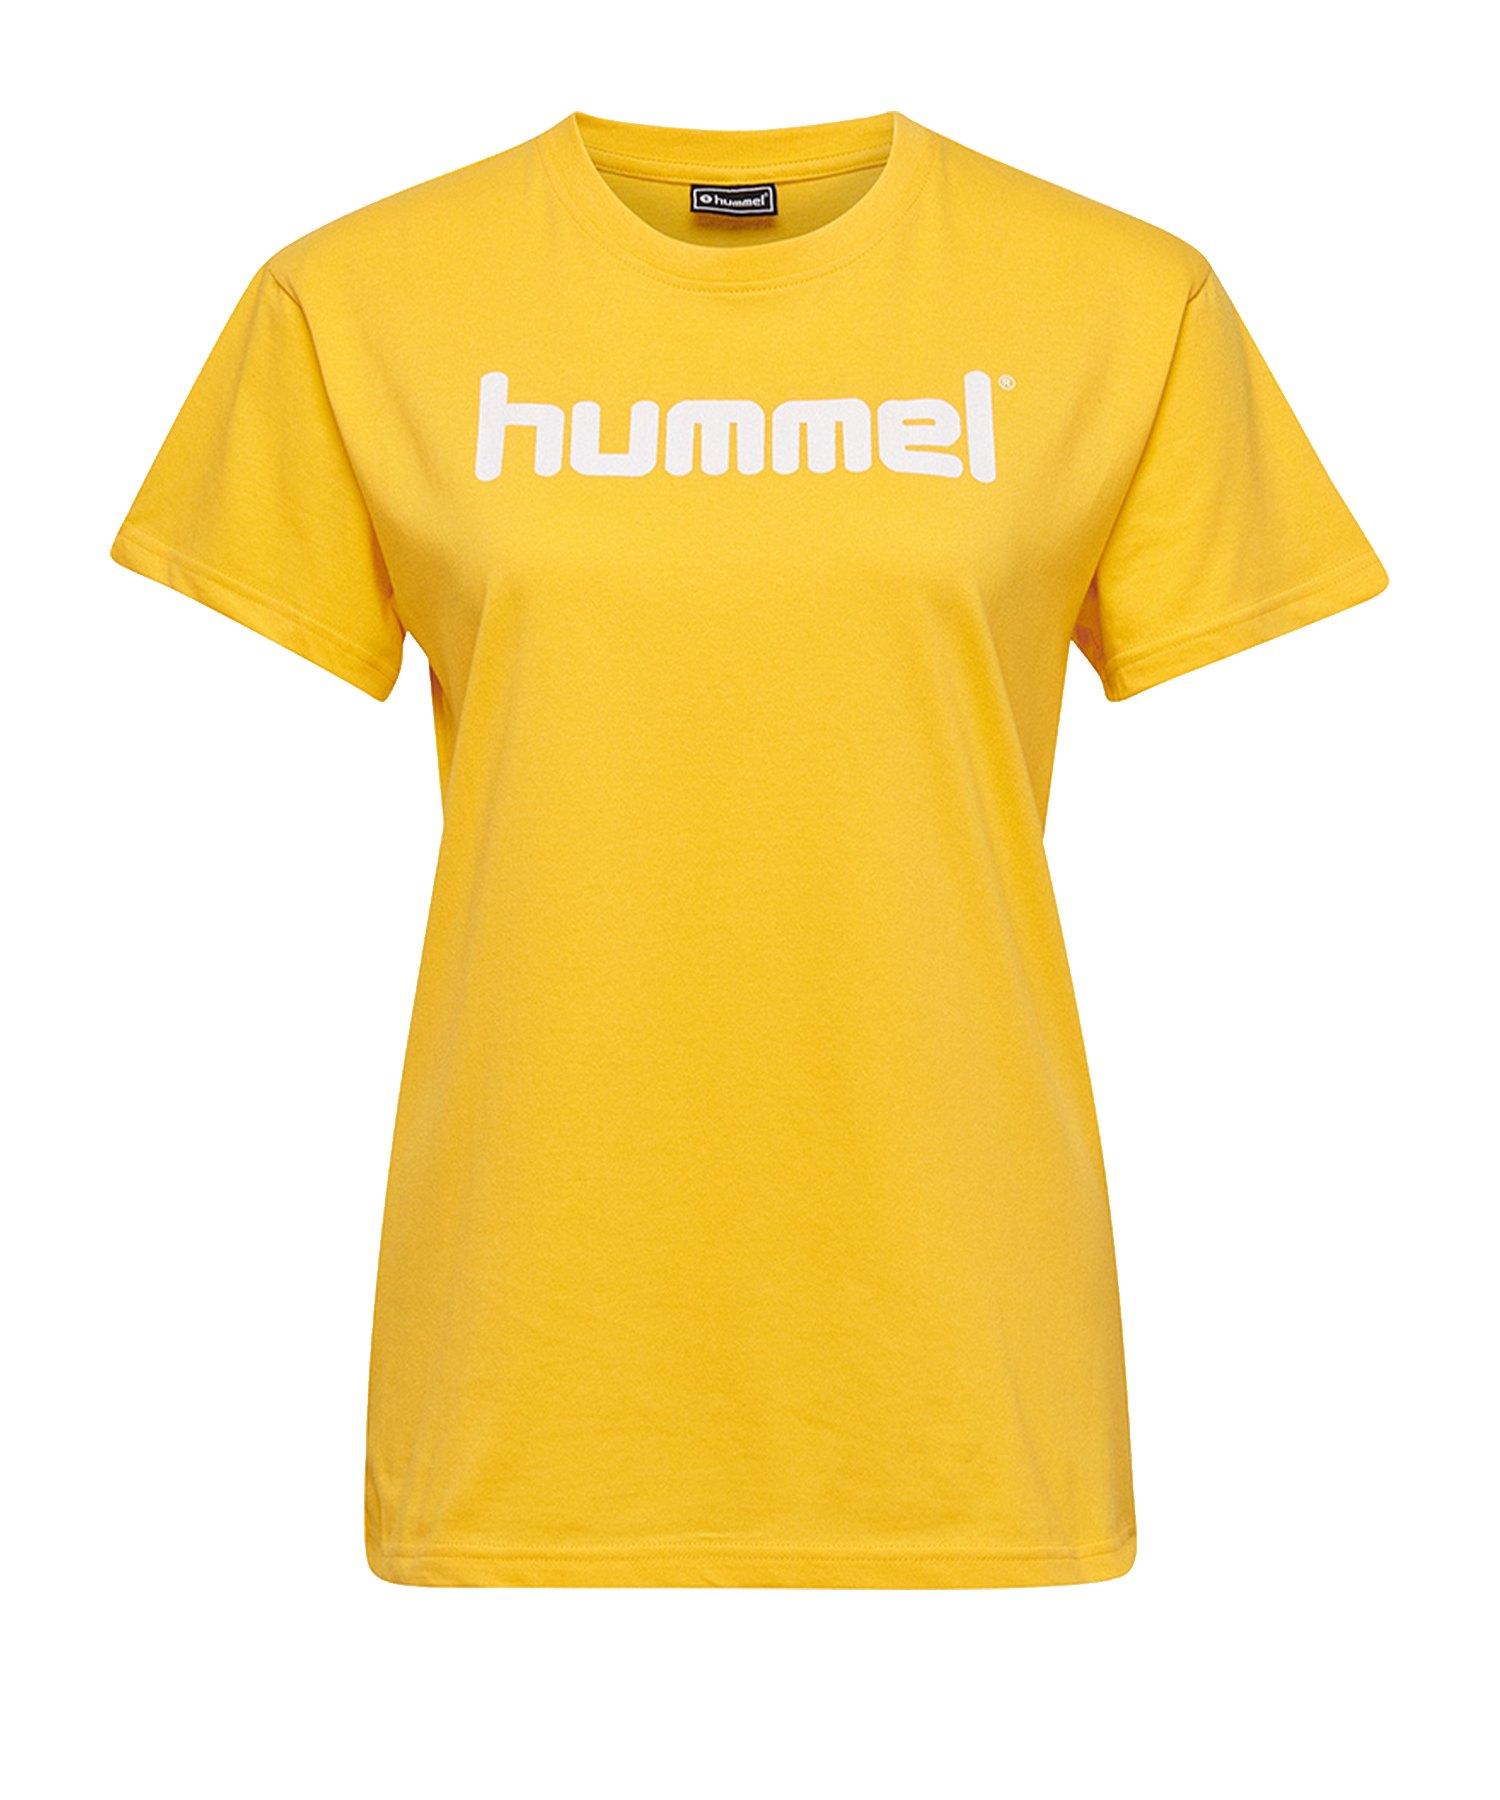 Hummel Cotton T-Shirt Logo Damen Gelb F5001 - Gelb